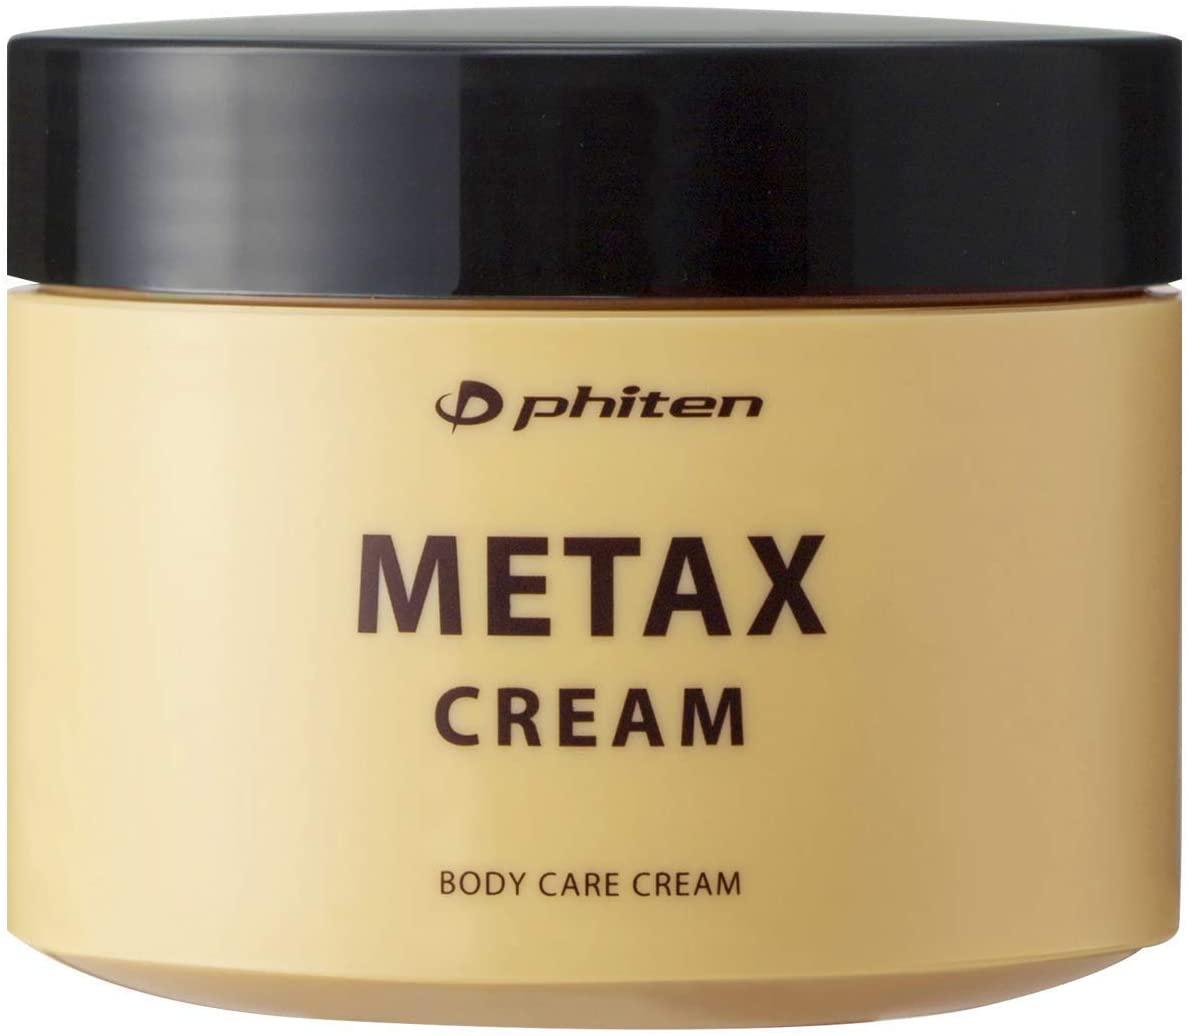 phiten(ファイテン) メタックス クリームの商品画像